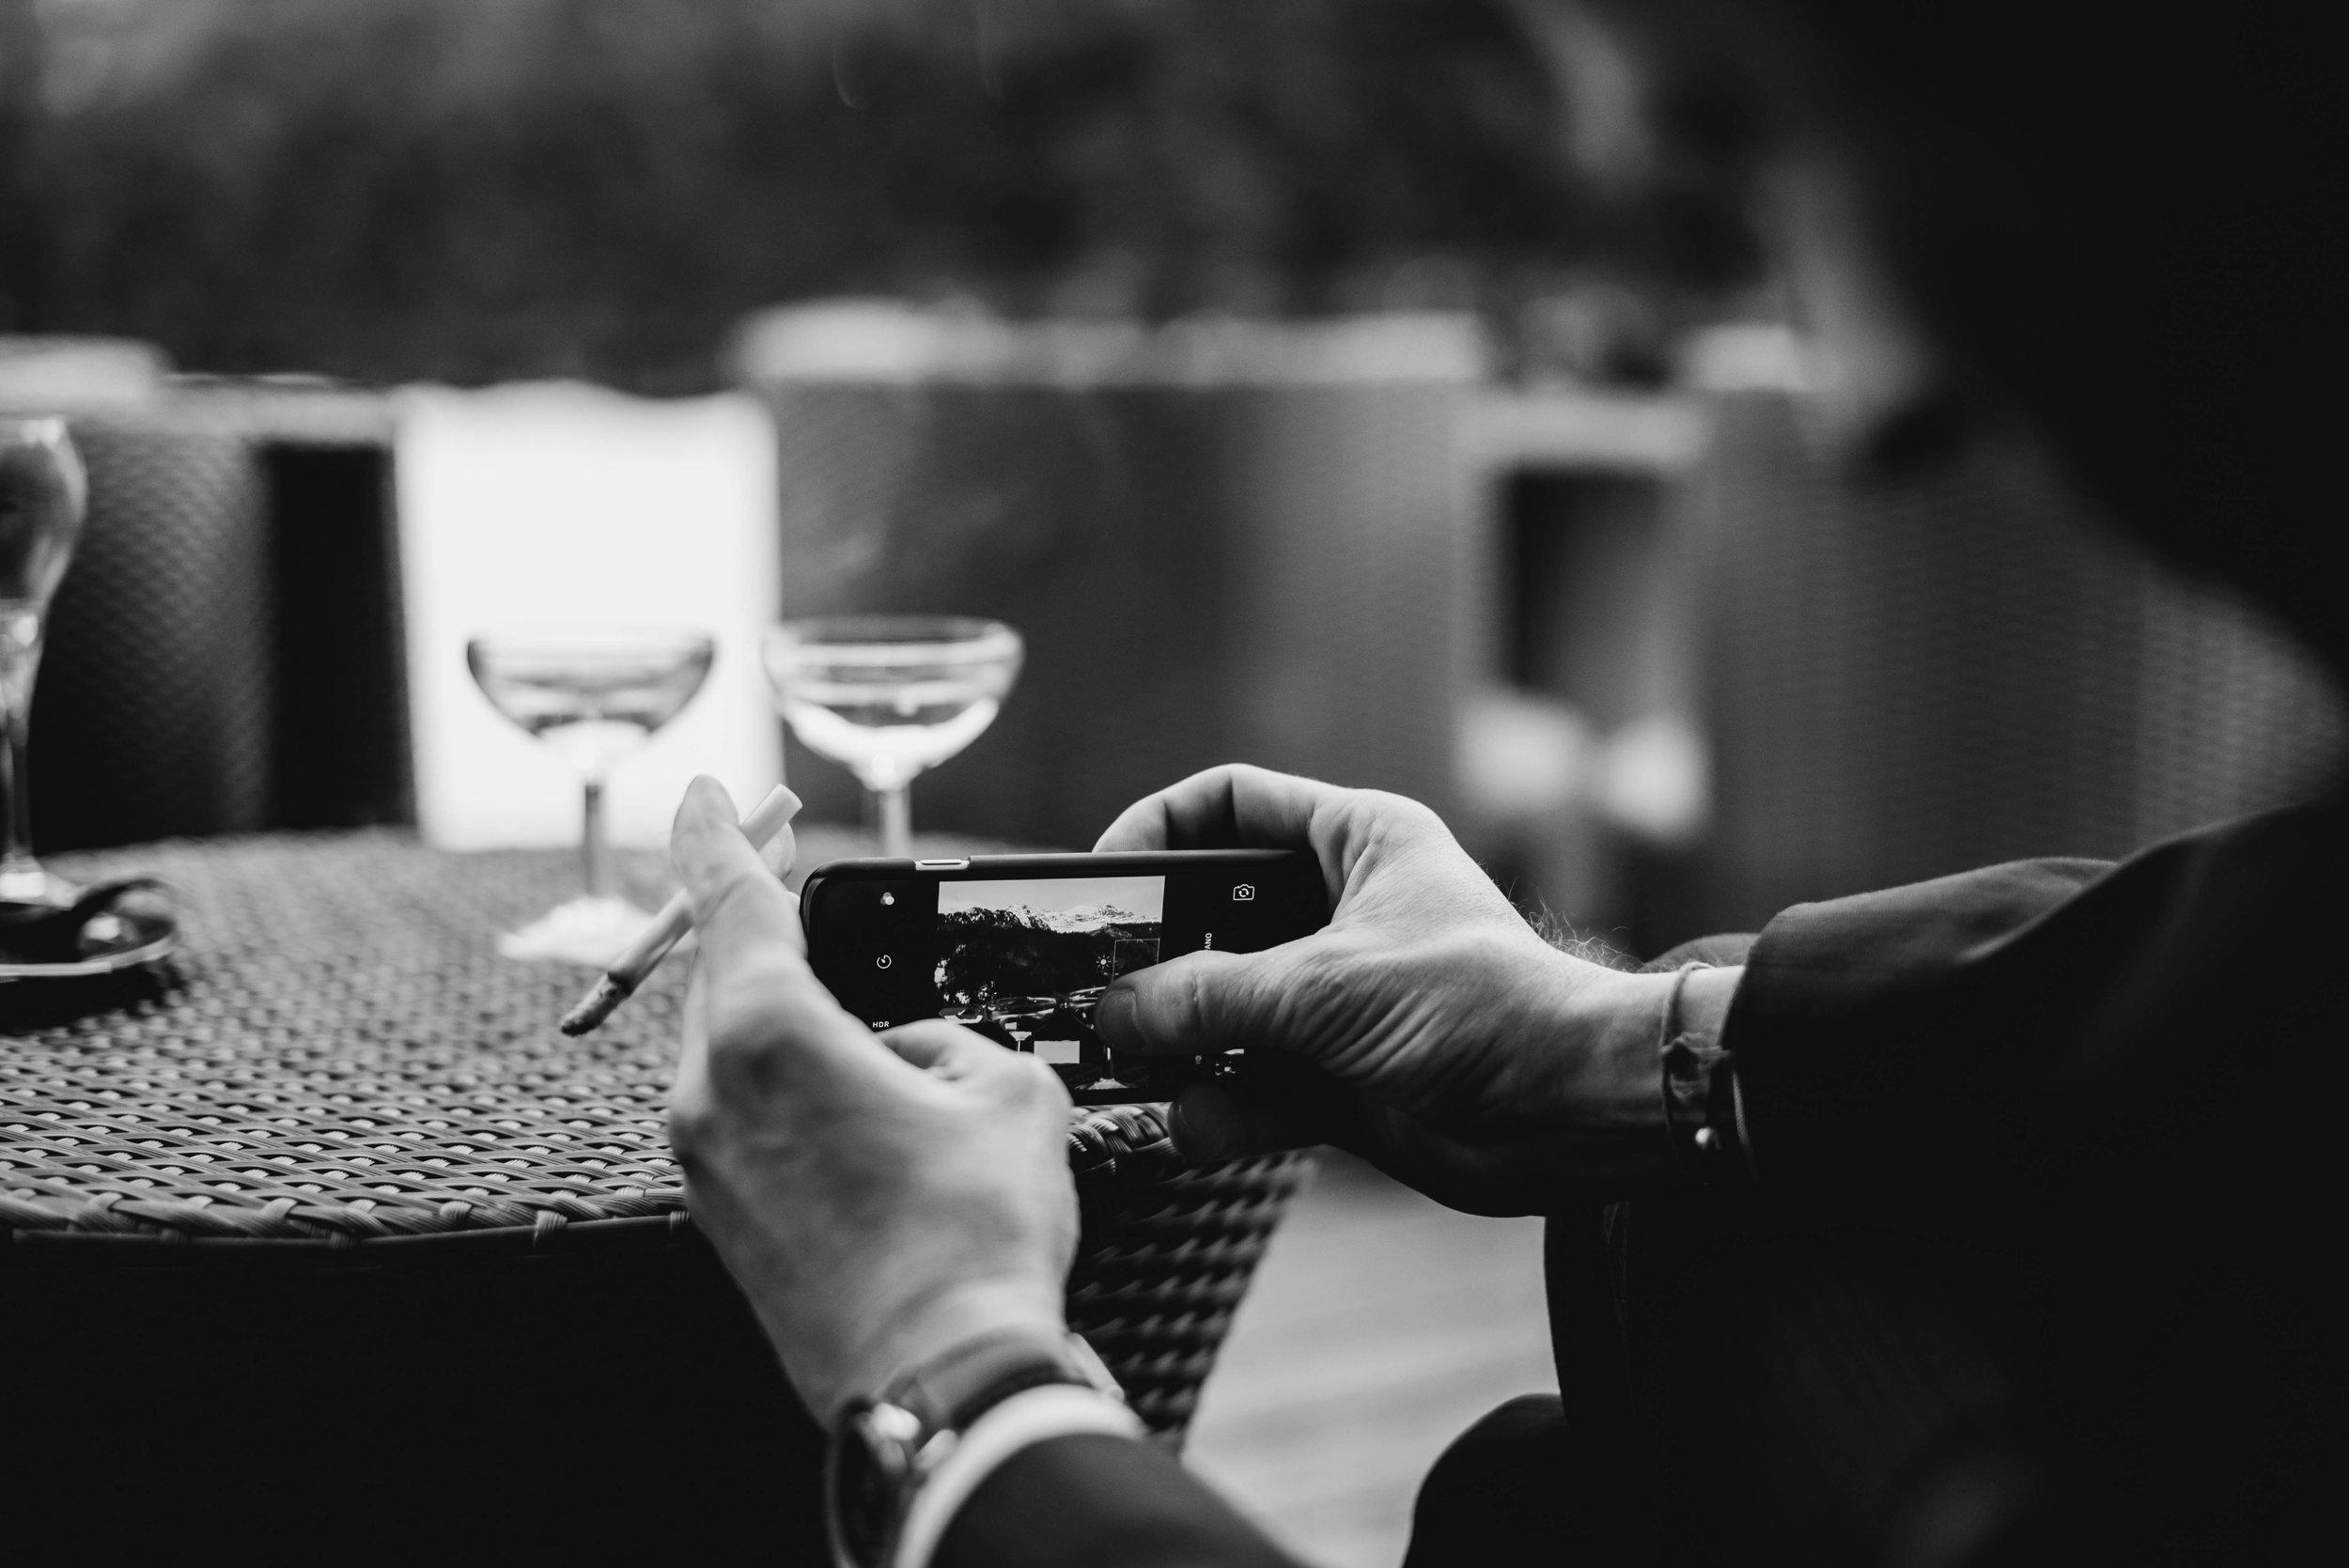 Léa-Fery-photographe-professionnel-lyon-rhone-alpes-portrait-mariage-couple-amour-lovesession-engagement-elopment-3082.jpg